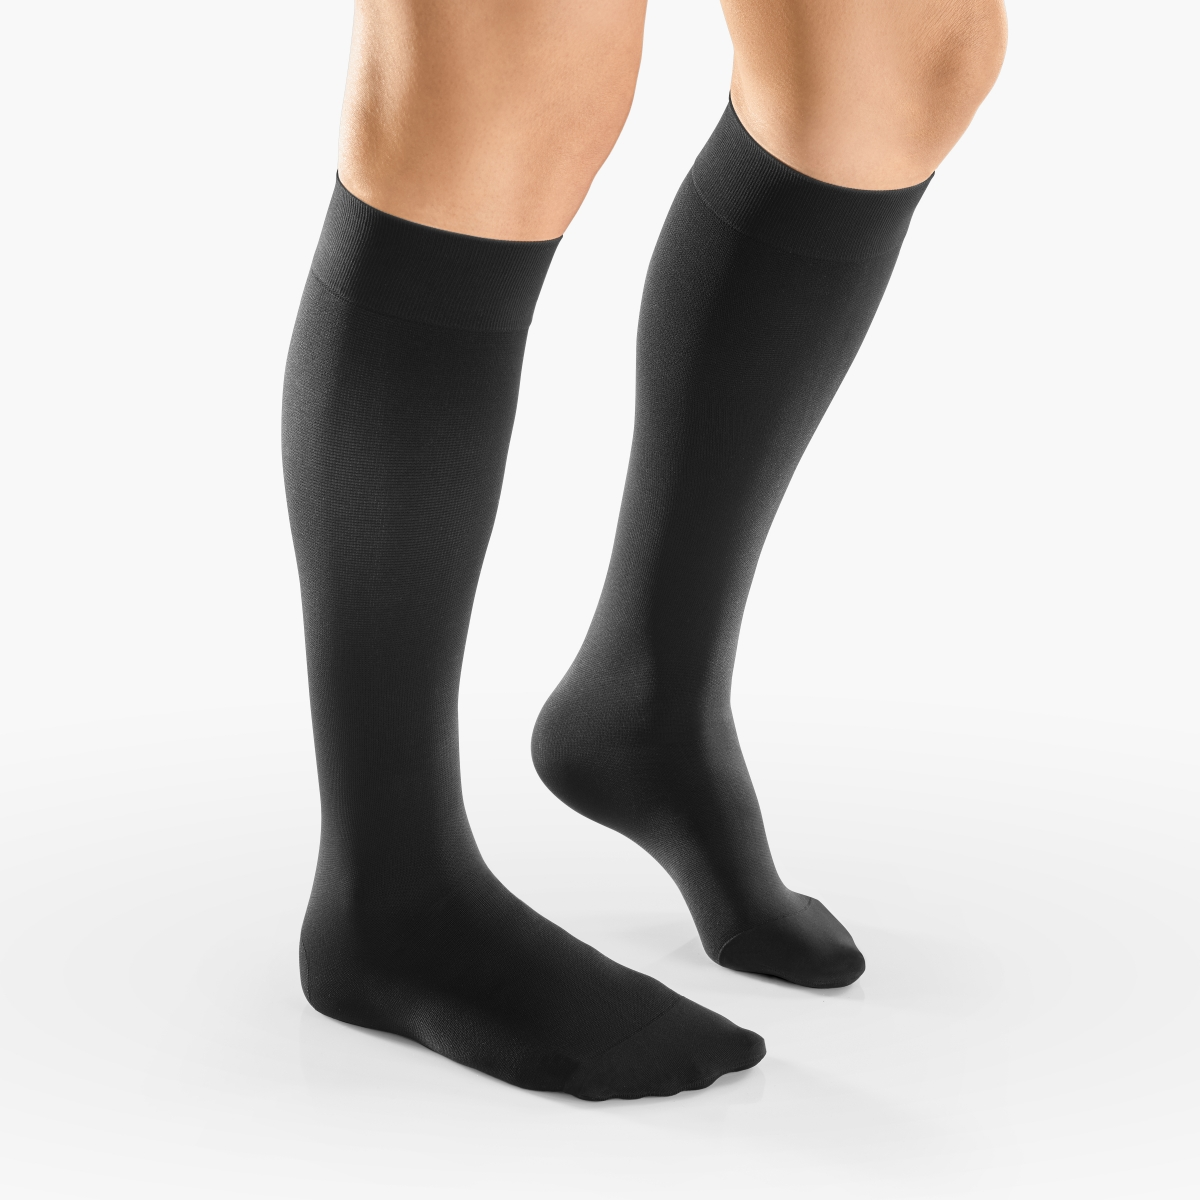 VENOSAN JET LEGS AD 18 mmHg black Shoe 36-40 closed toe Moderate 15-20 mmHg | Black | Shoe 36-40 |  | Closed Toe | Knit Top